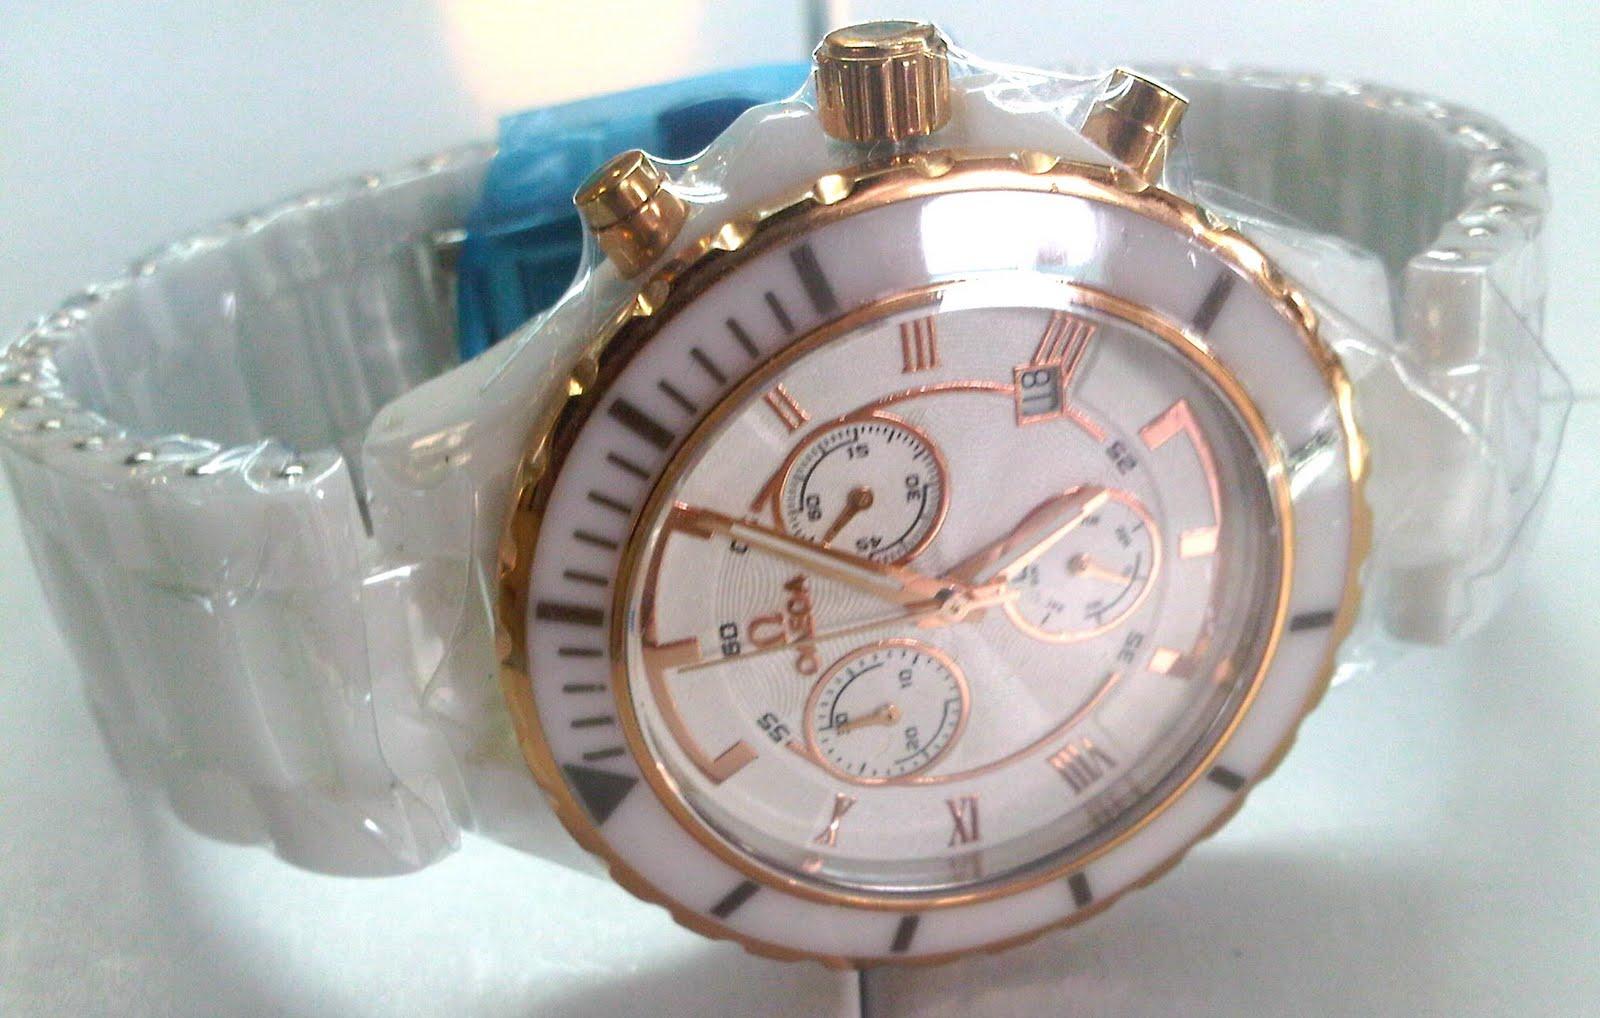 jam tangan Omega crono date white keramik...jam ini mememiliki diameter 4  cm...jam ini bisa di pake pria dan wanita...jam ini terbuat dari keramik.. jam ini ... 76d4d39577